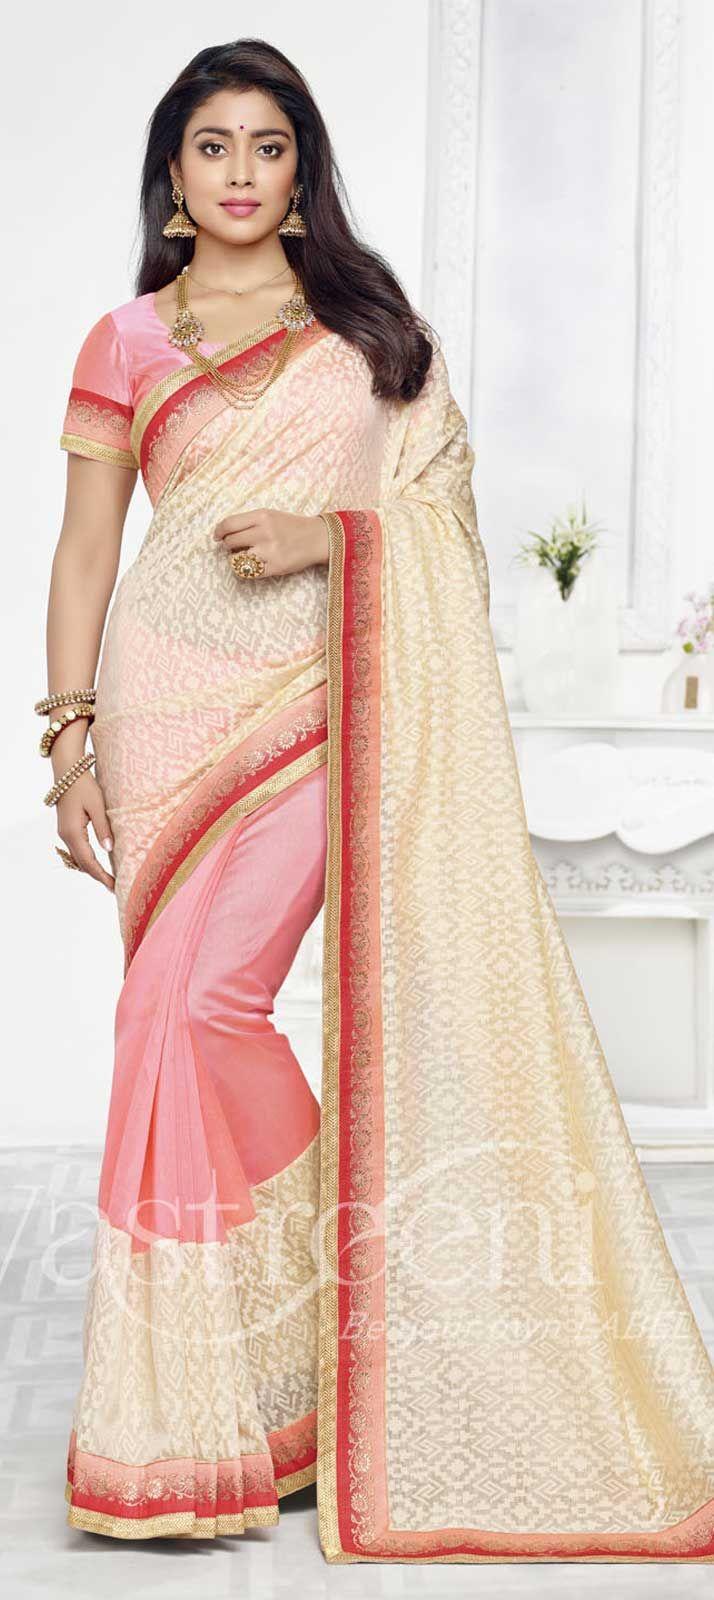 Jyothika traditional sari at shobi wedding saree blouse patterns - Pink And Majenta Color Family Bollywood Sarees